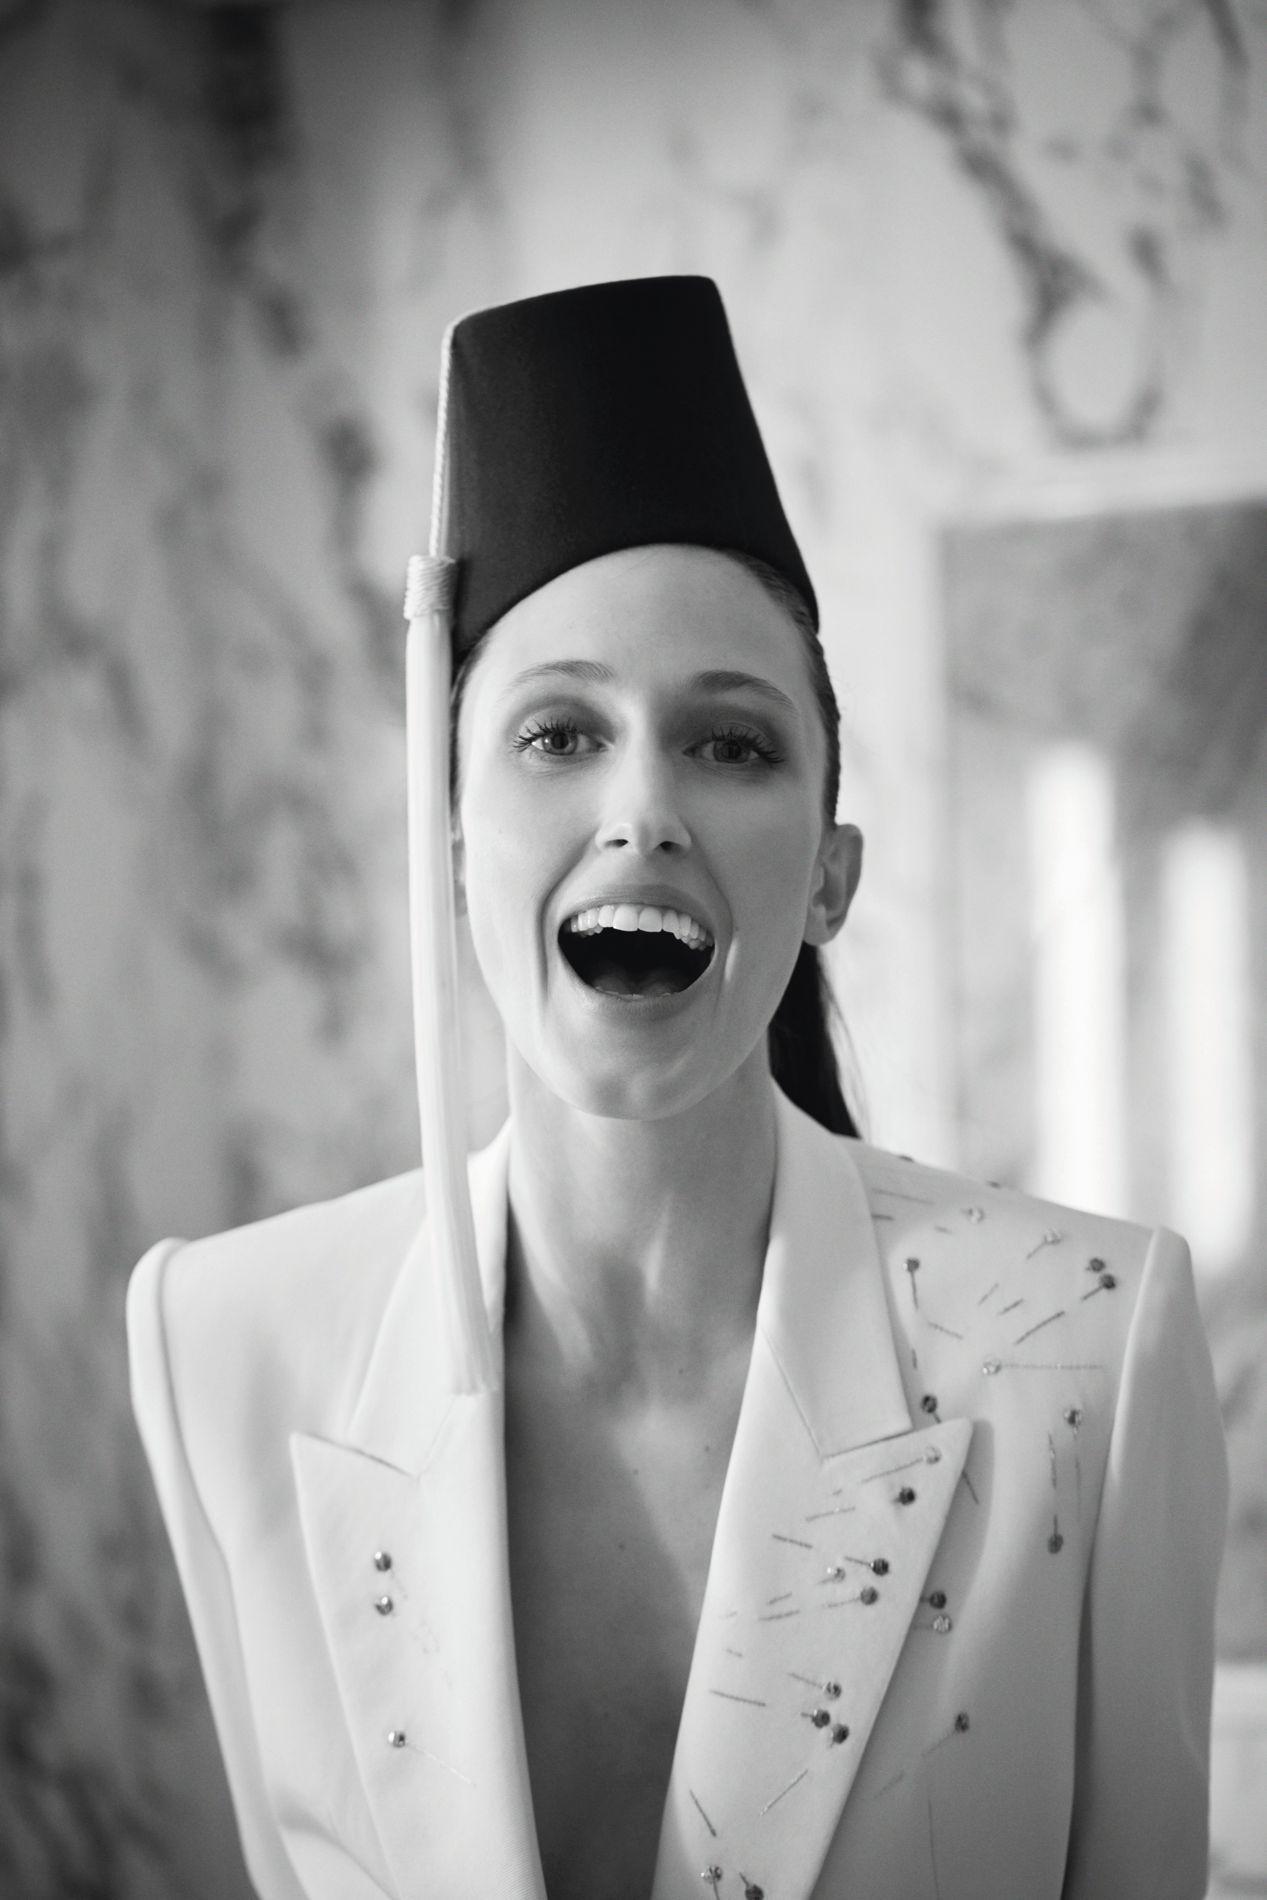 ... Gaultier Paris Gaultier Paris Haute couture avec Anna Cleveland Haute couture avec Anna Cleveland Haute couture avec Anna Cleveland Haute couture avec ...